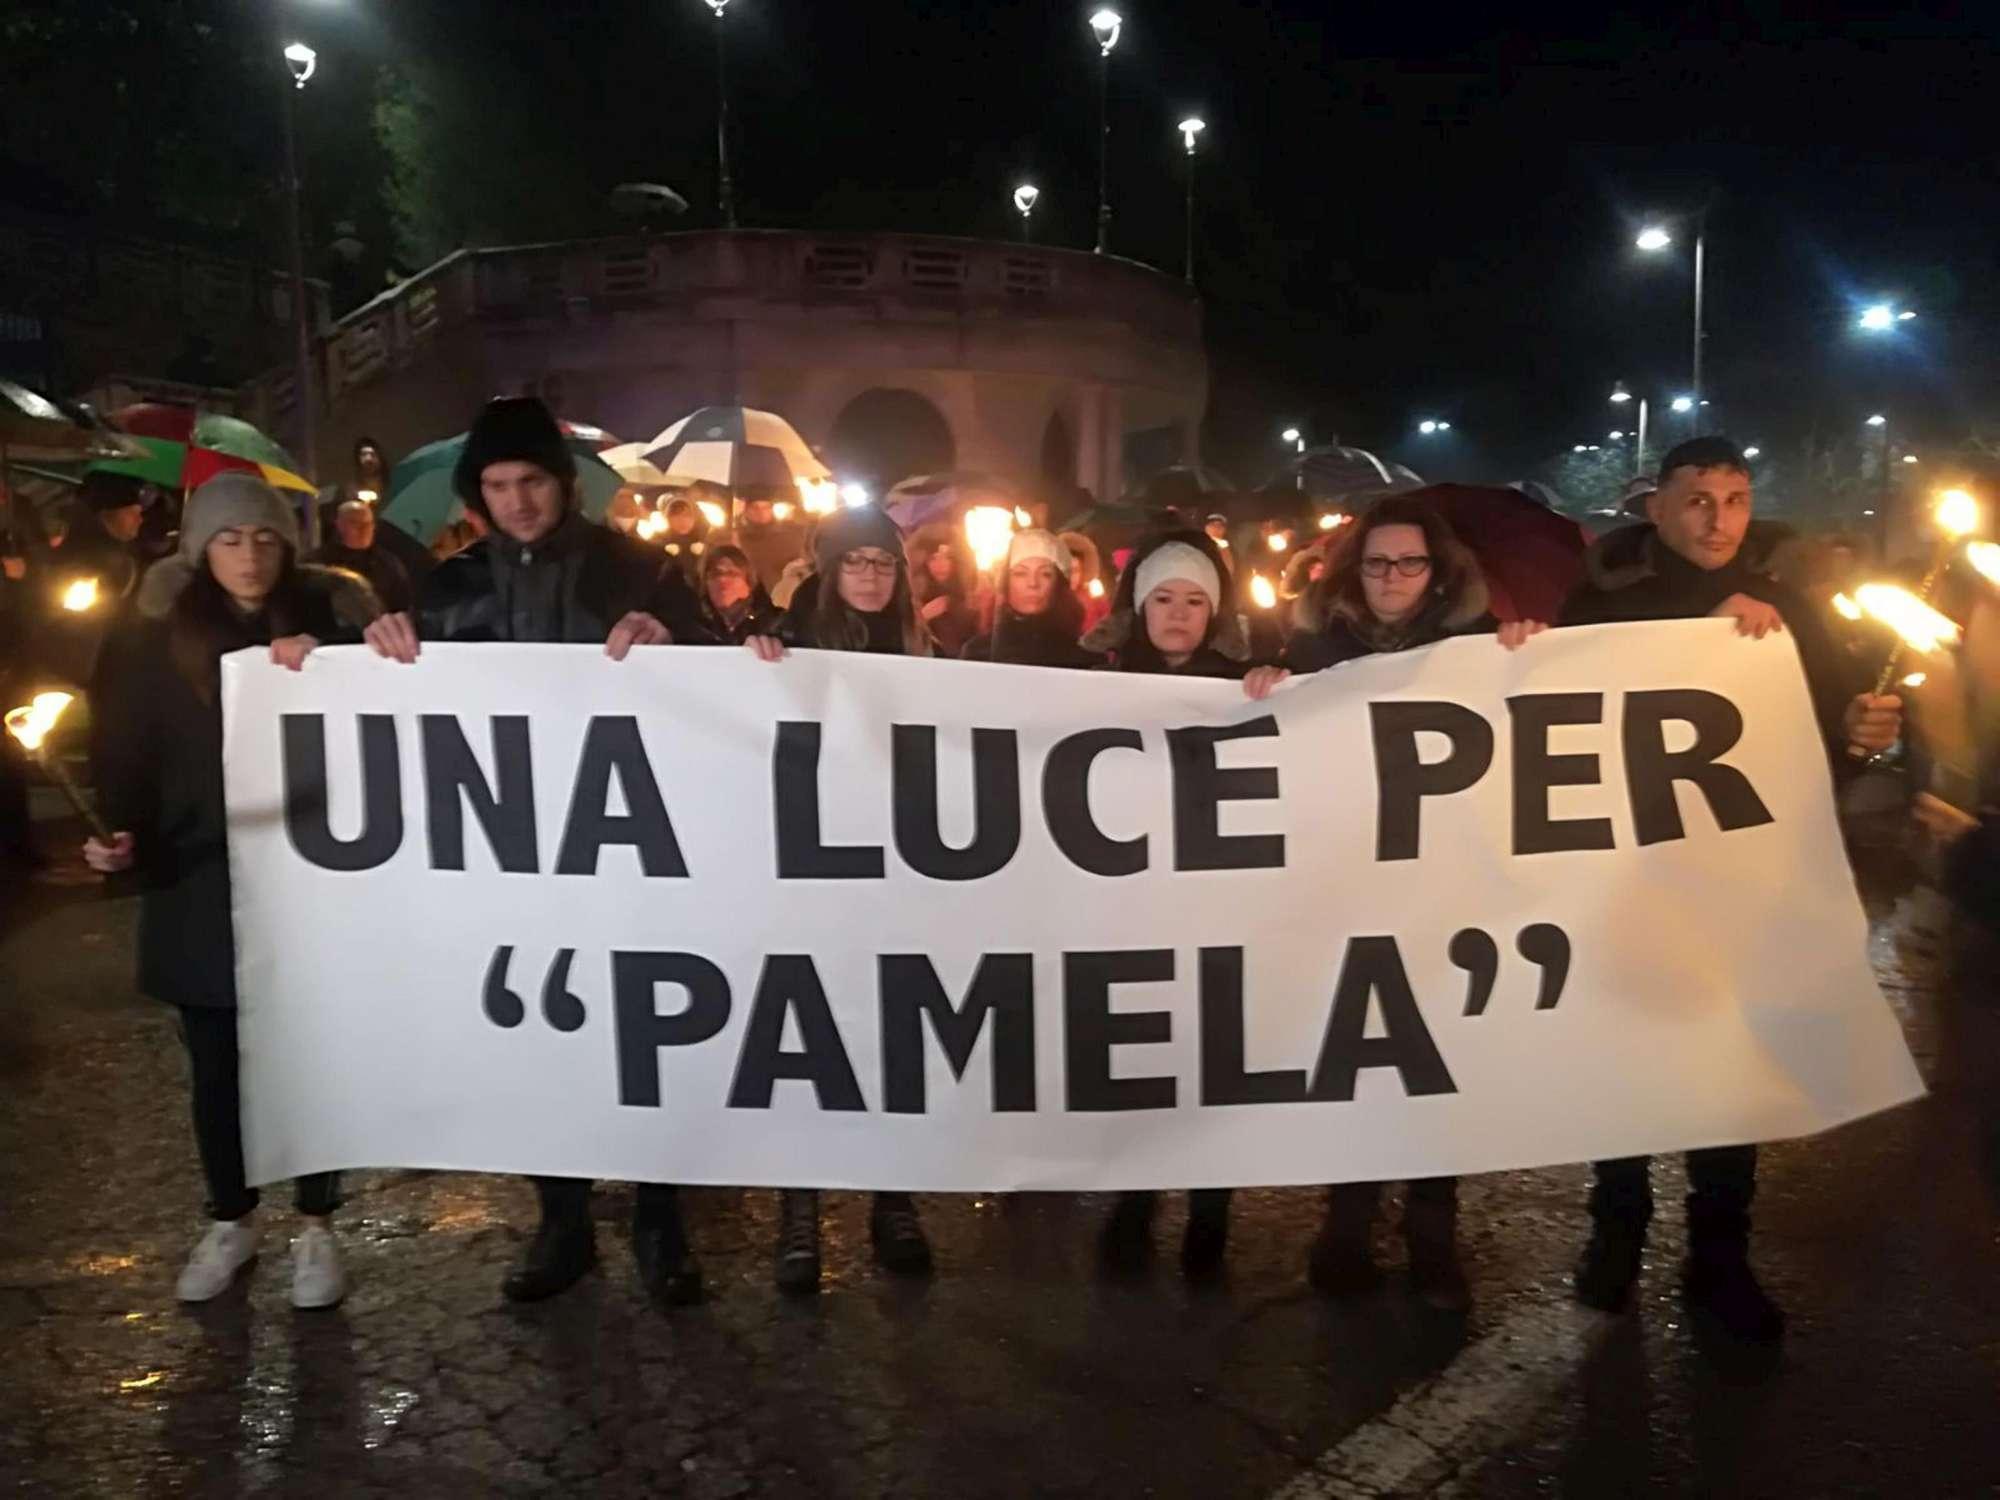 Fiaccolata per Pamela, la mamma: una morte che poteva essere evitata